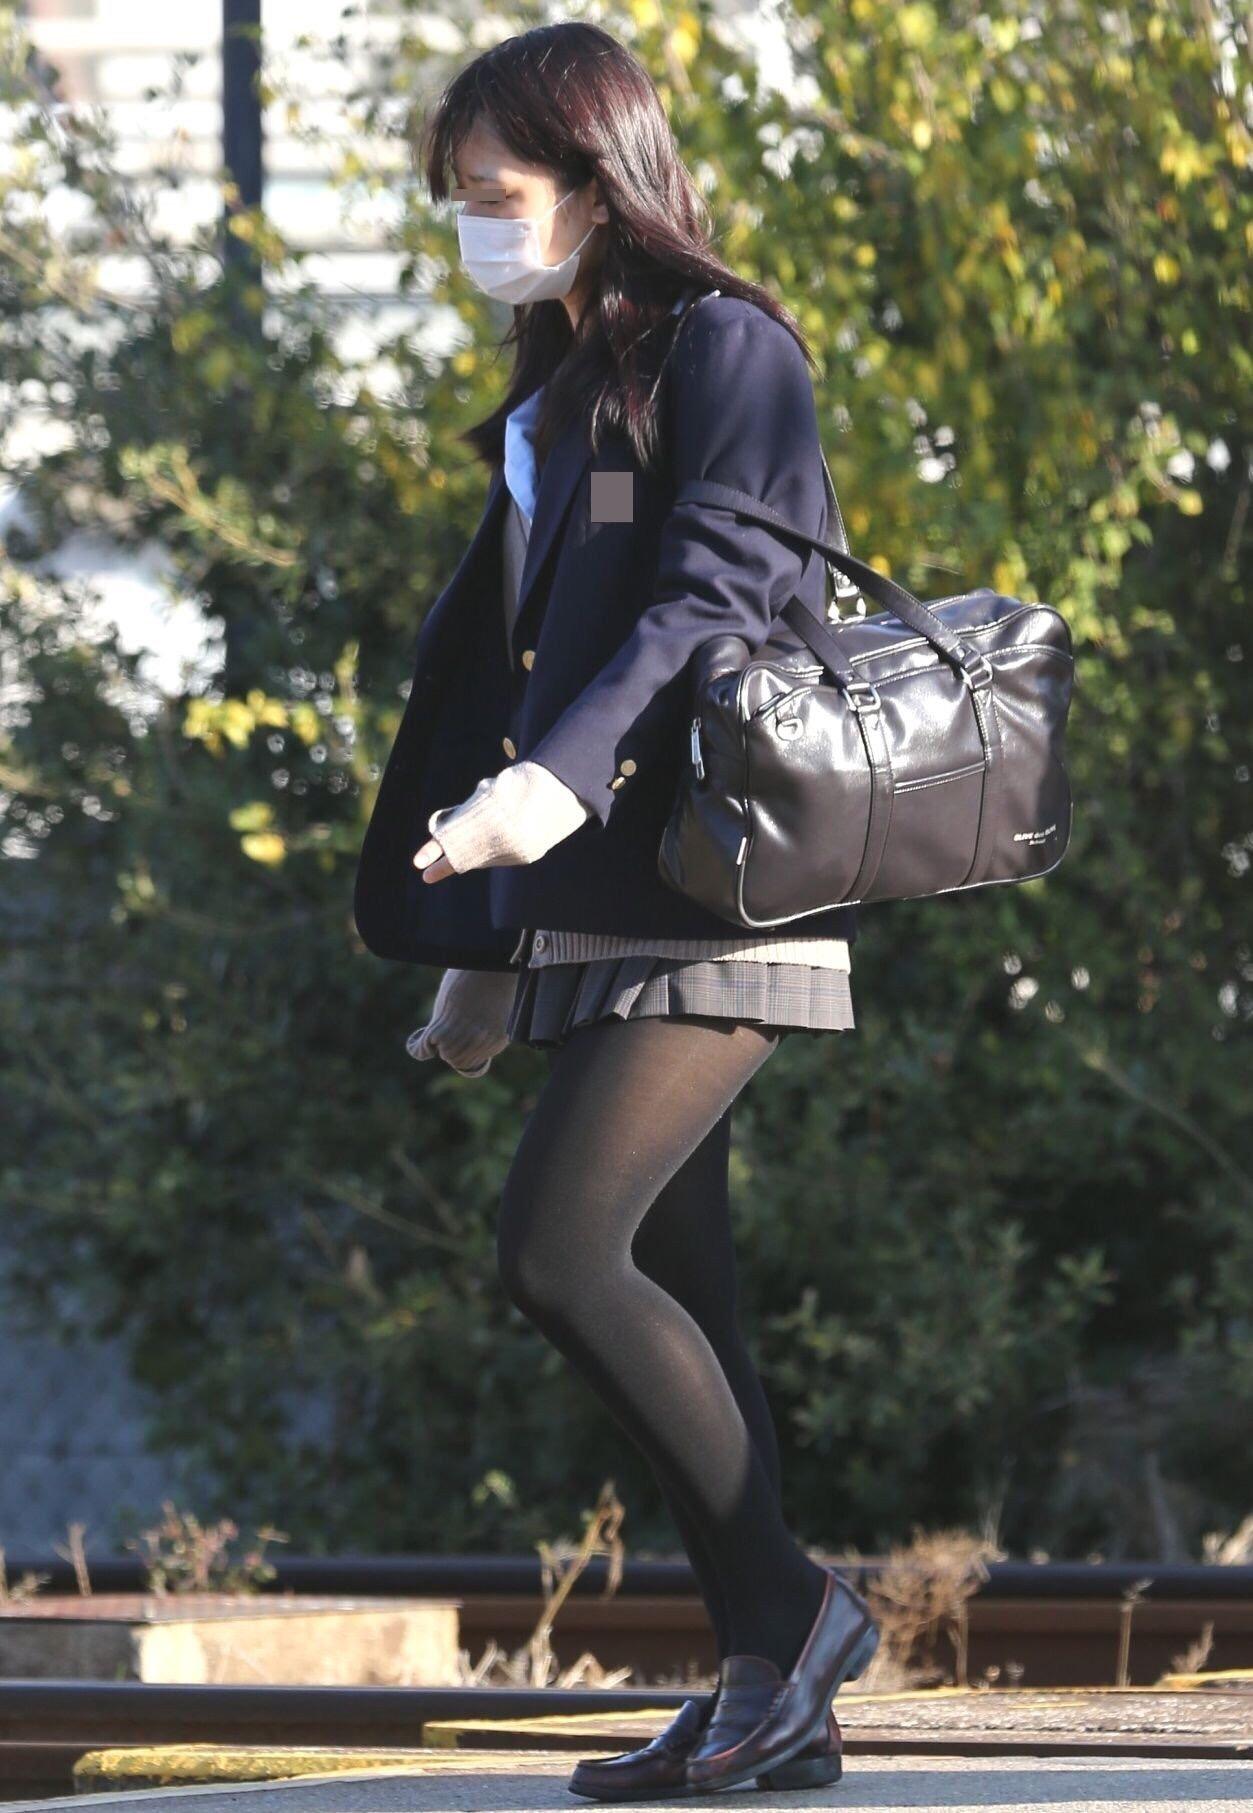 女子高生の街撮り黒パンスト!!寒い季節も楽しませてくれるJKストッキングwwwwww sRAnfsn